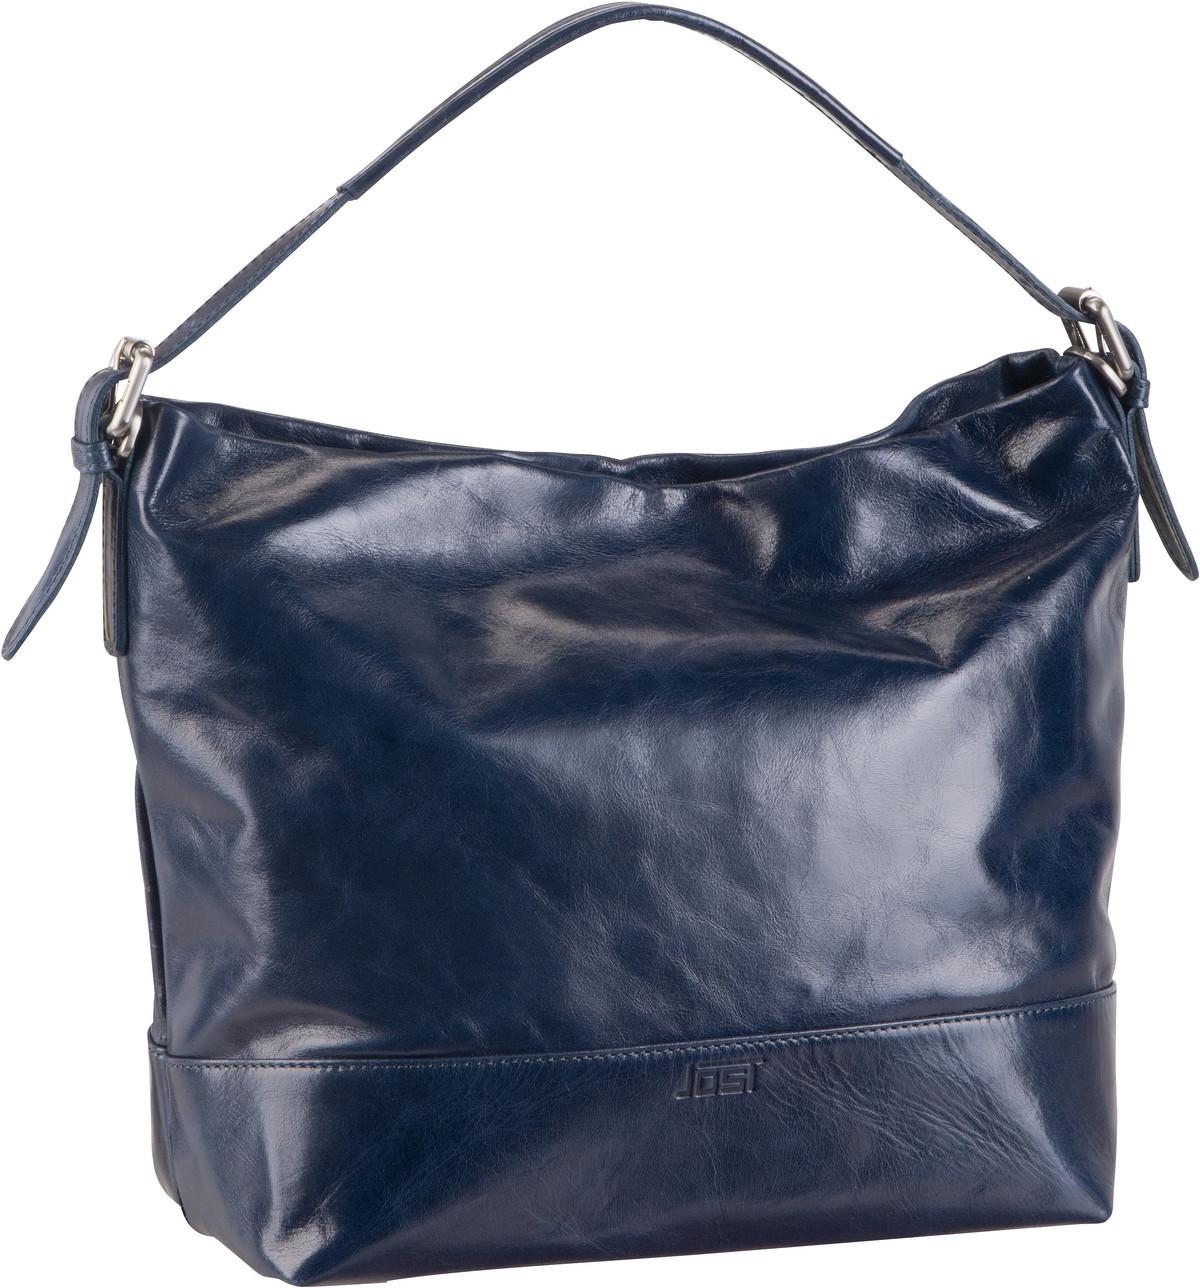 Handtasche Boda 6626 Hobo Bag Navy